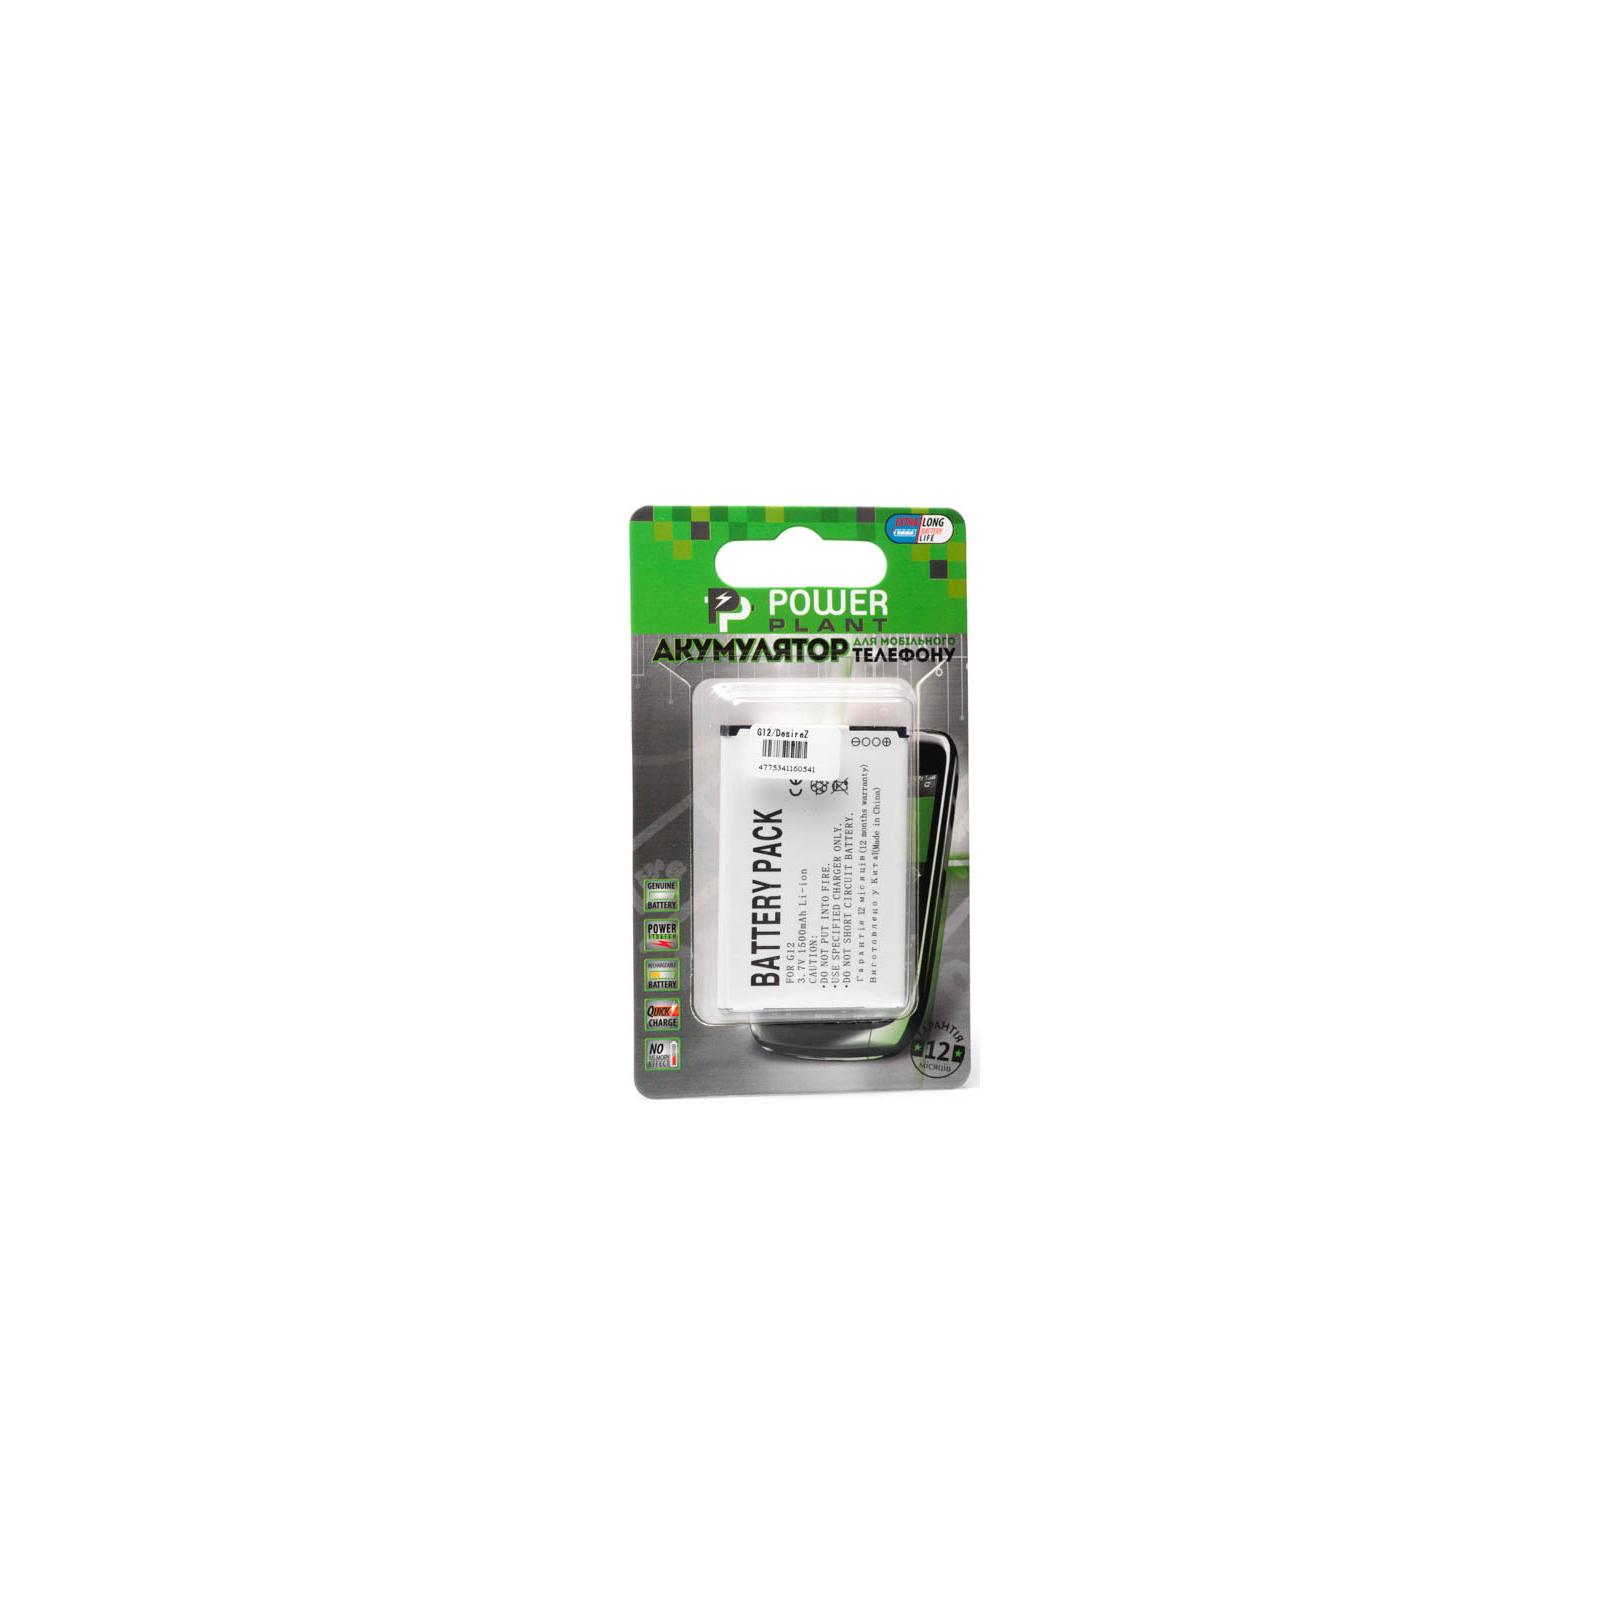 Аккумуляторная батарея PowerPlant HTC Desire S, S710E, PG88100, S510E, Saga, G12 (DV00DV6087)